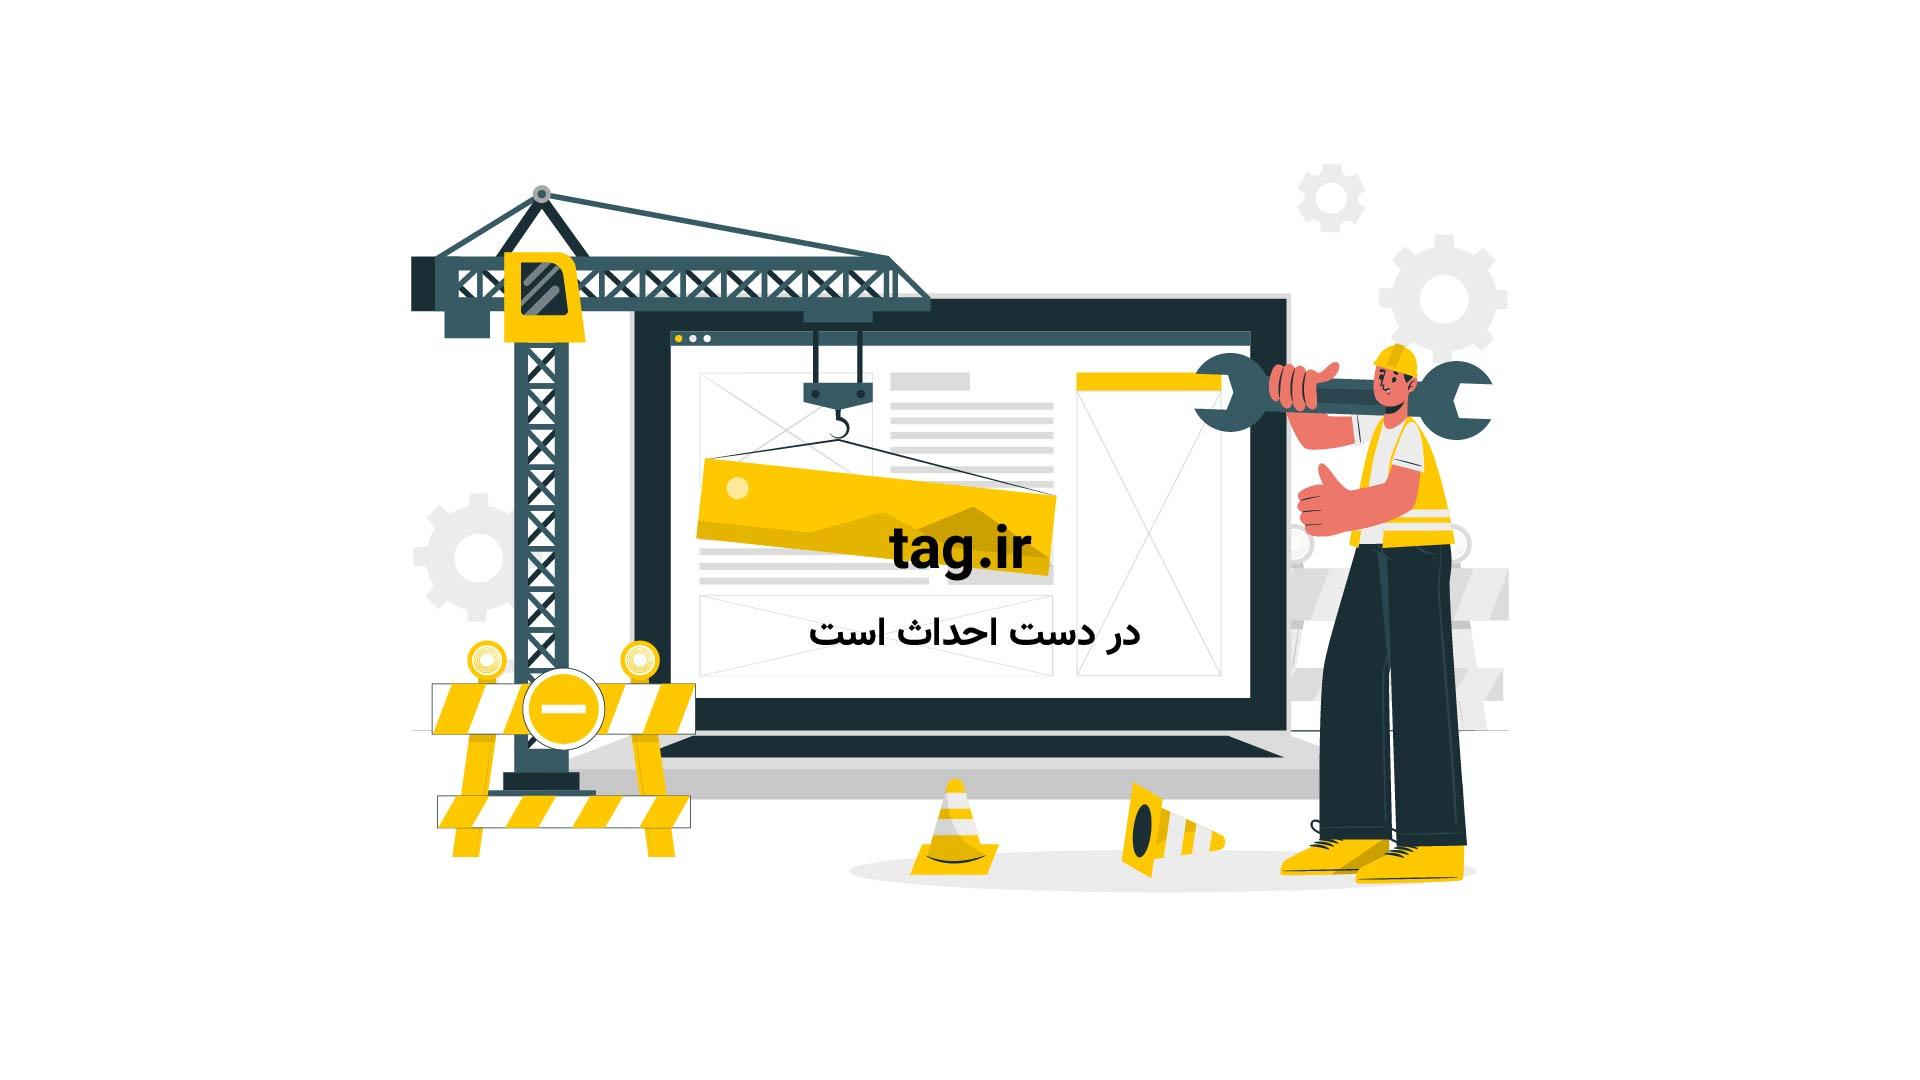 اعترافات داعشی | تگ